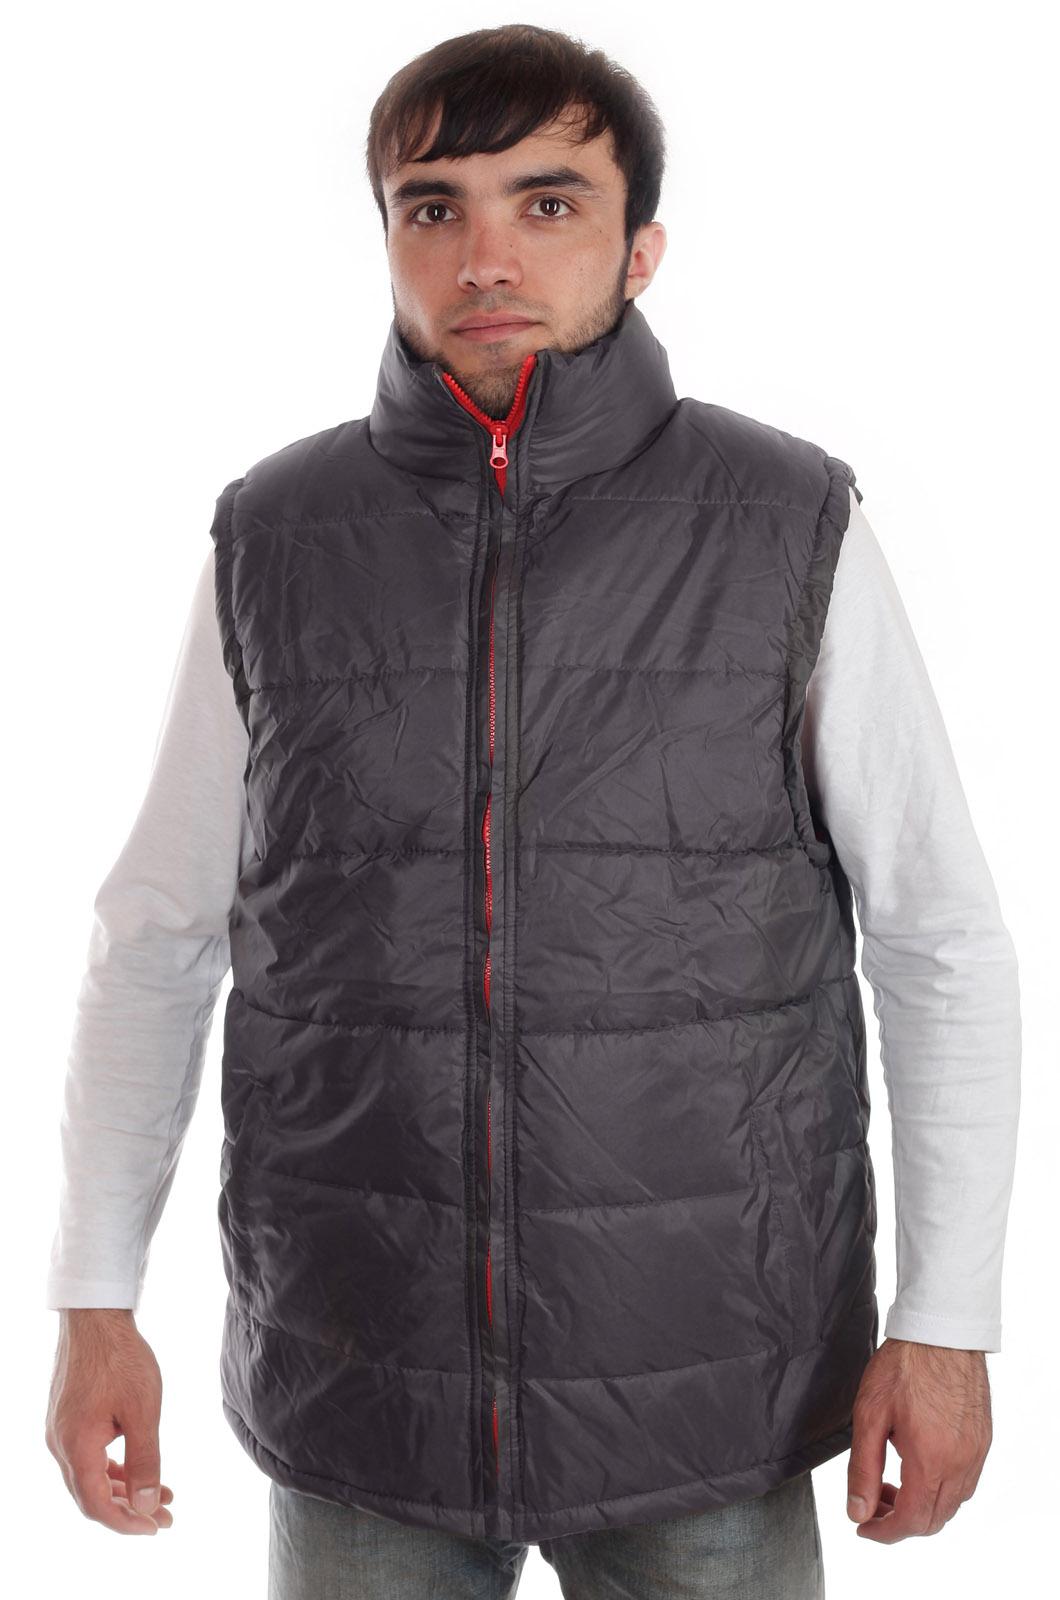 Купить в интернет магазине синтепоновую мужскую жилетку на молнии